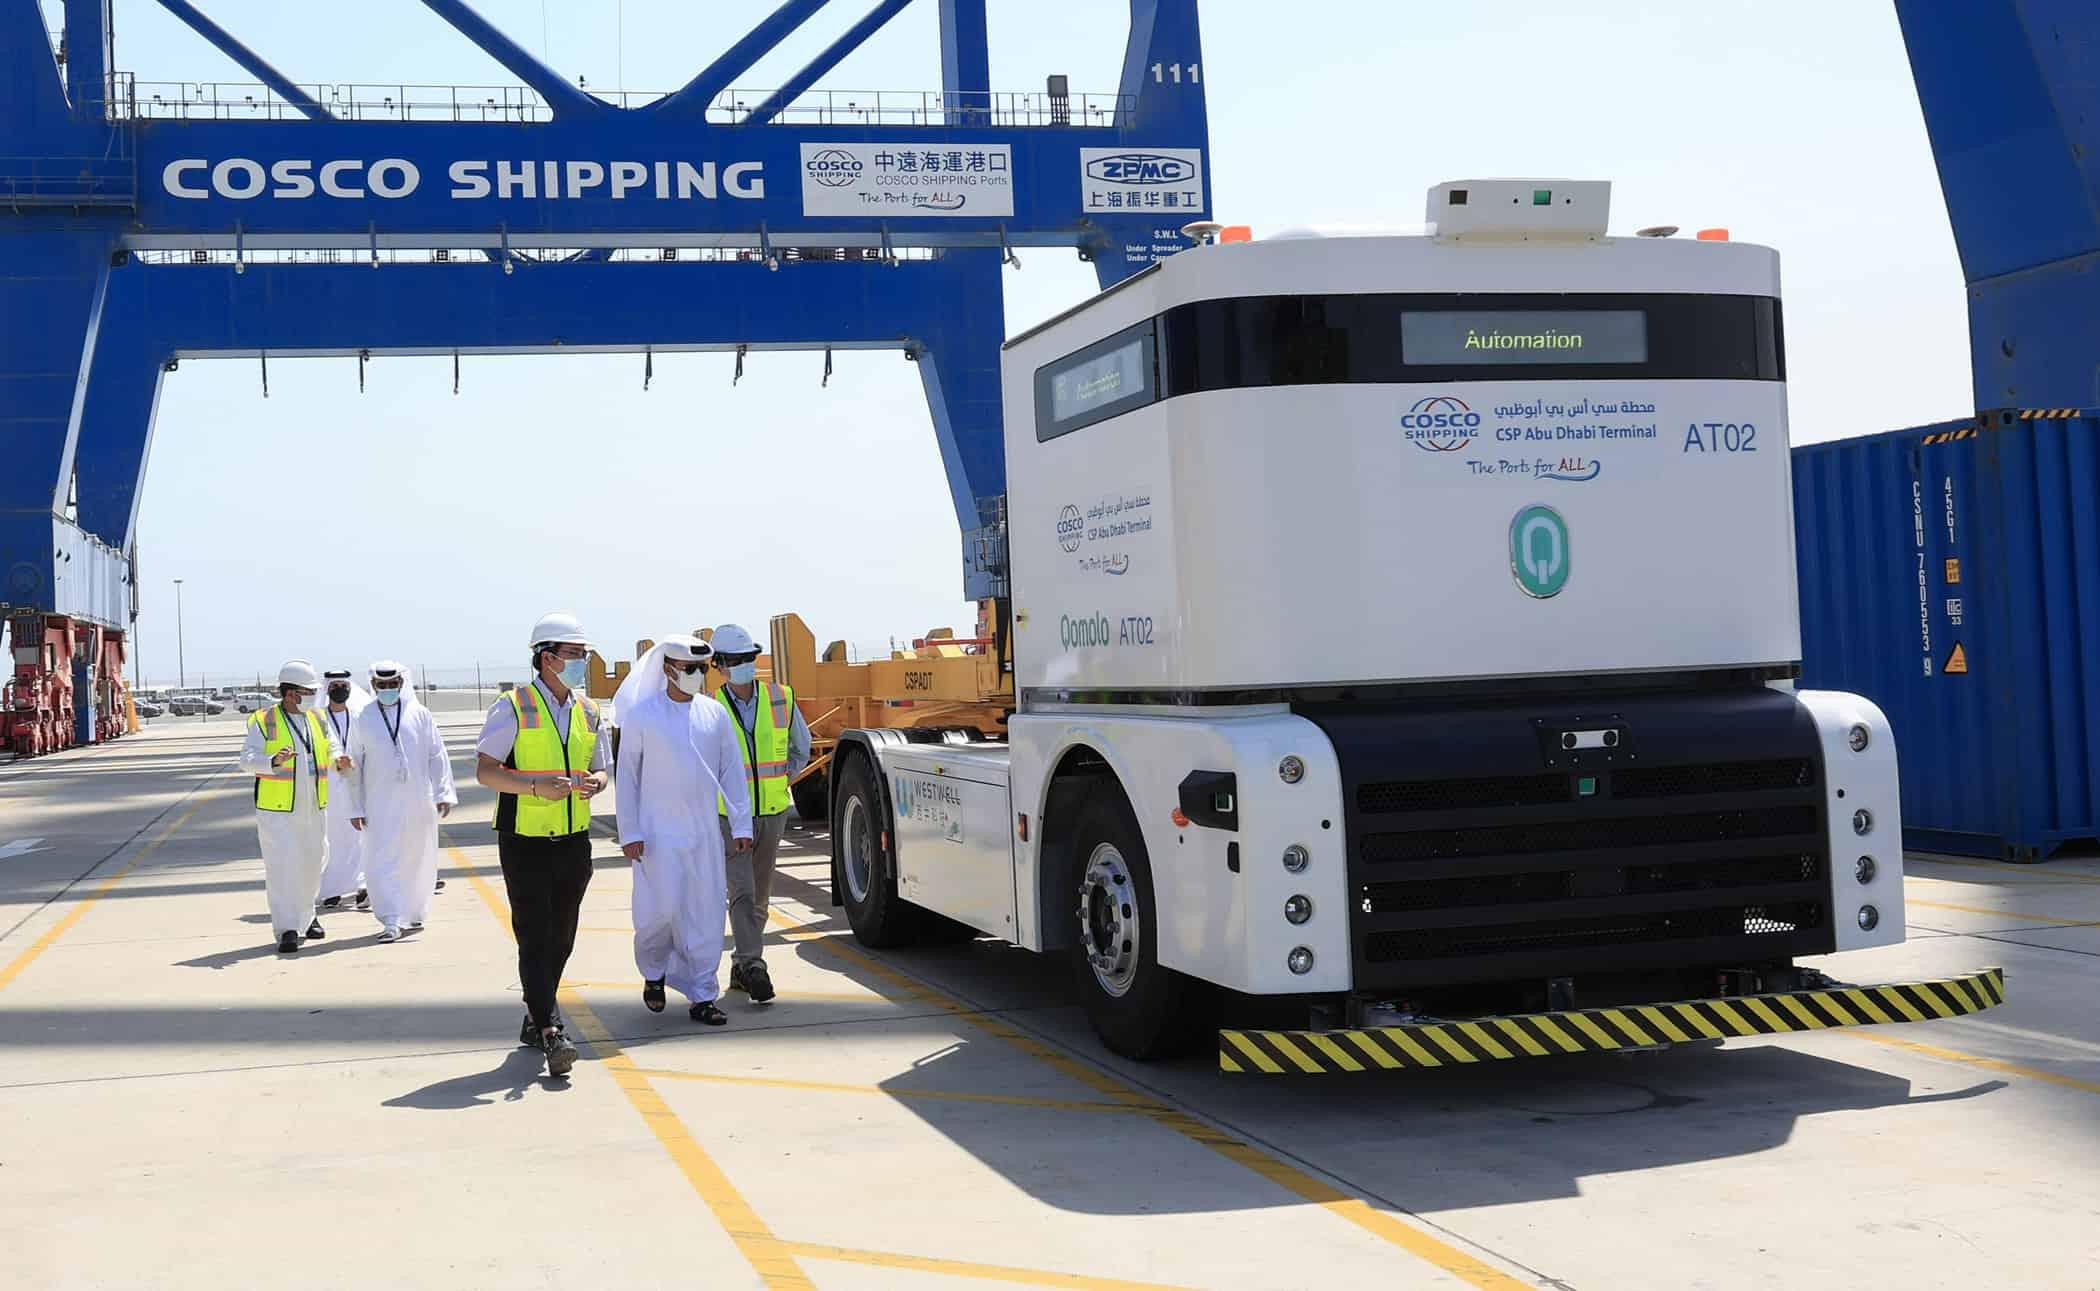 CSP Abu Dhabi Terminal implements autonomous port truck system